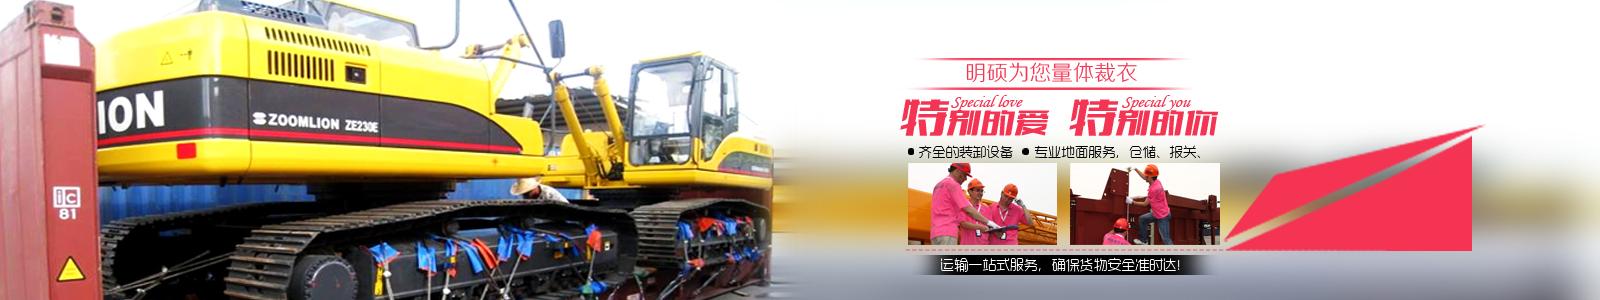 中国重大件国际物流领航者